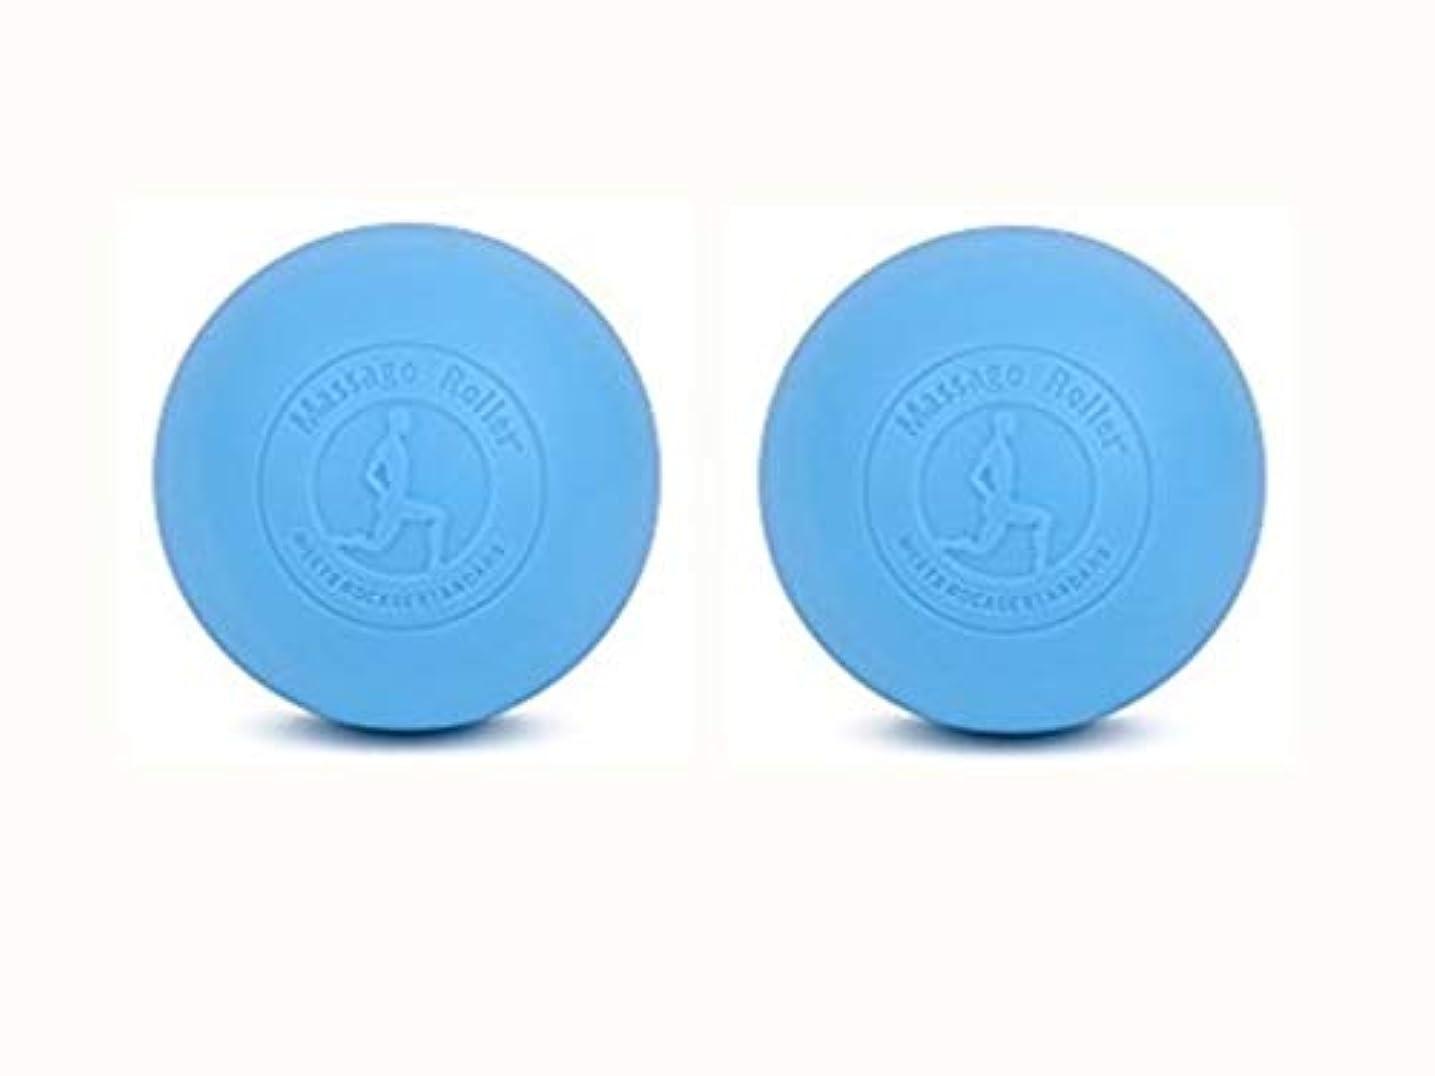 無一文引き潮ONNSERR 深い筋肉のリラクゼーションマッサージボール トリガーポイント マッサージボール 指圧ボールマッスルマッサージボール、筋膜球 運動後に筋肉の痛みを和らげるのがよい